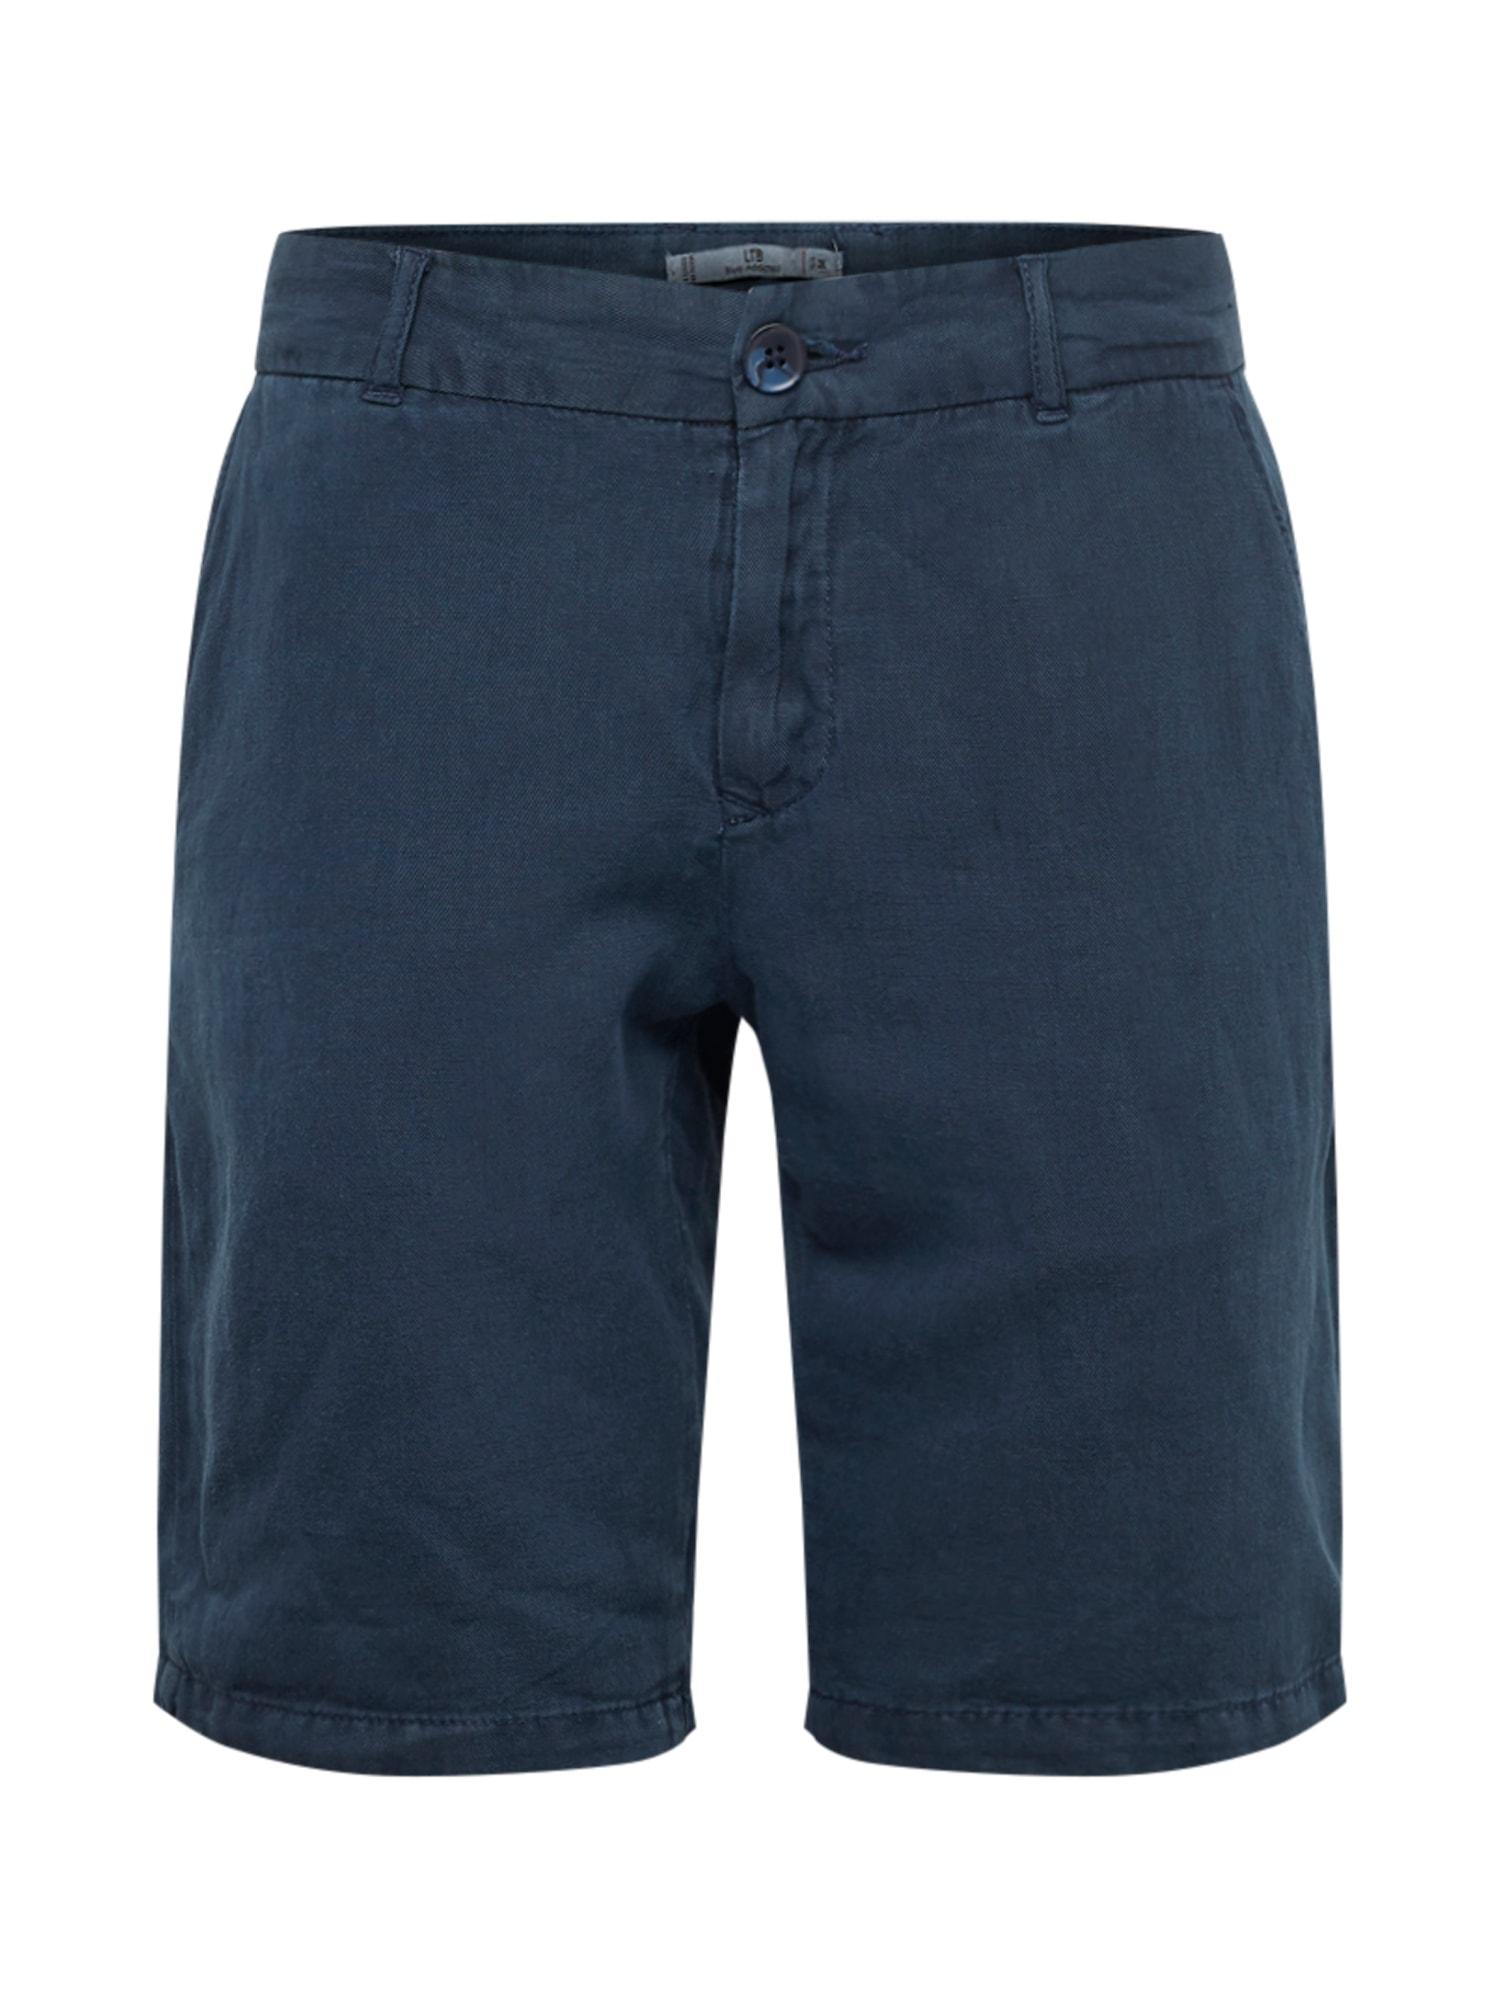 Kalhoty Mitaja námořnická modř LTB